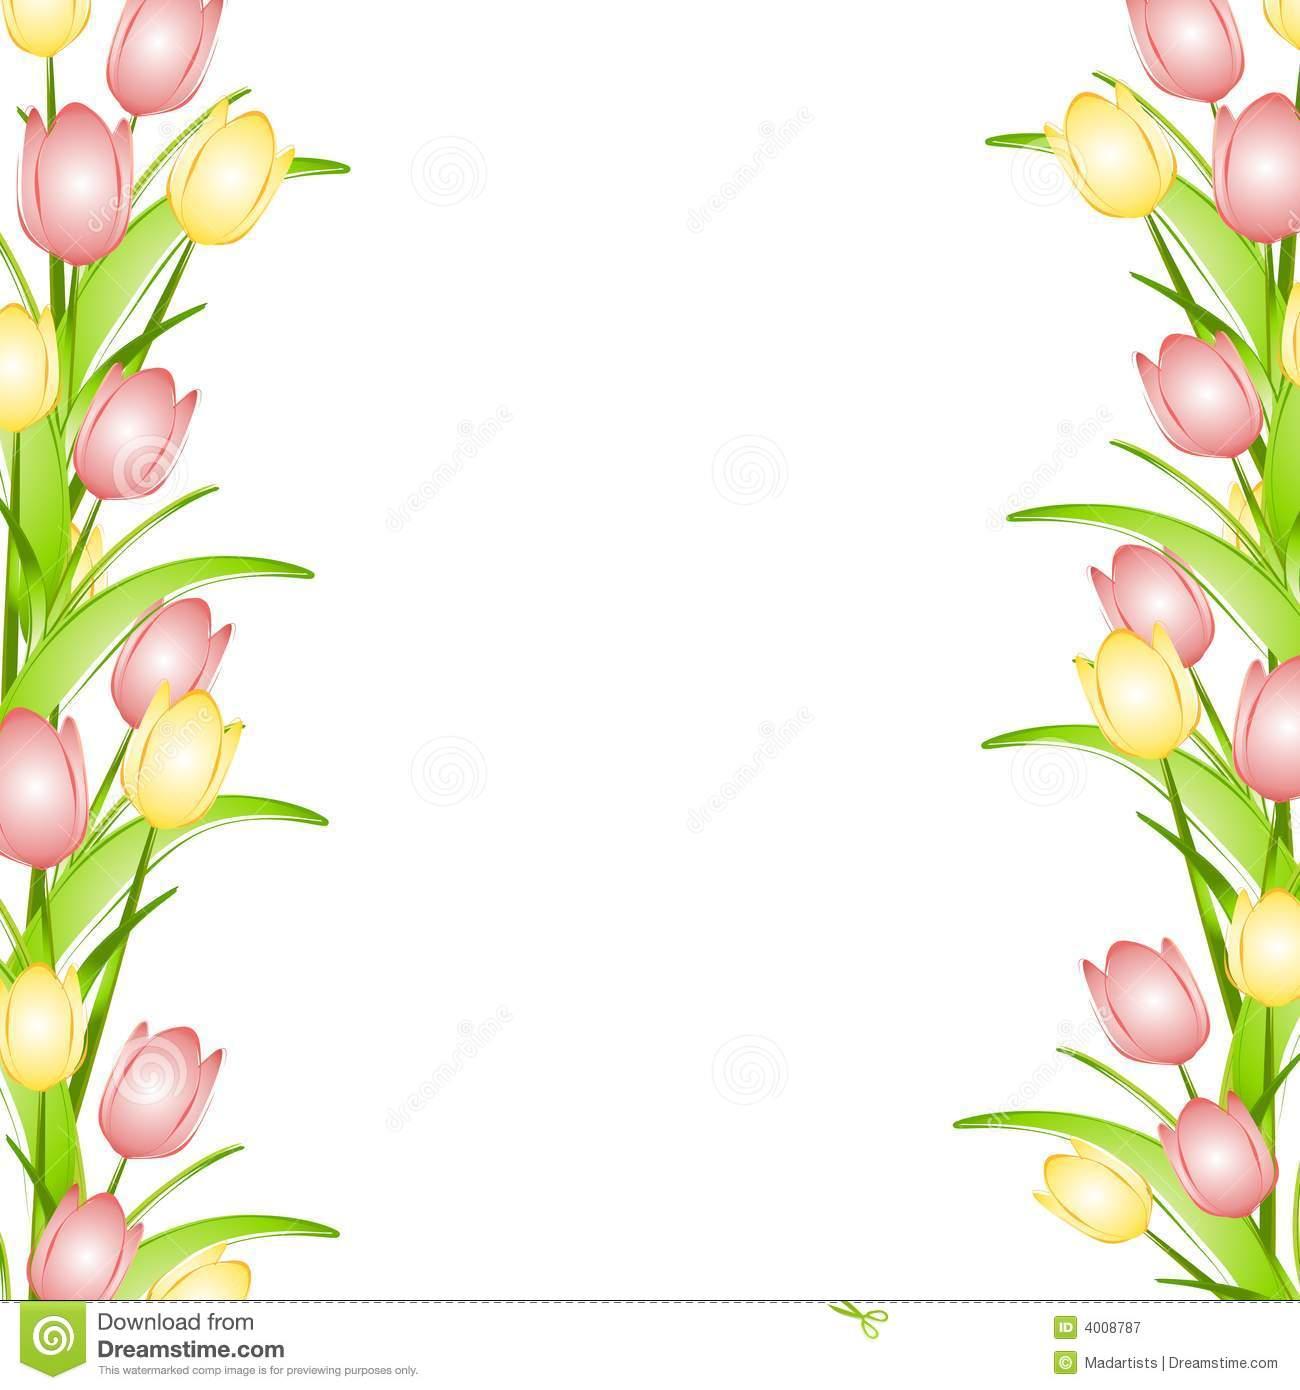 Flower Border Clipart - Clipart Kid